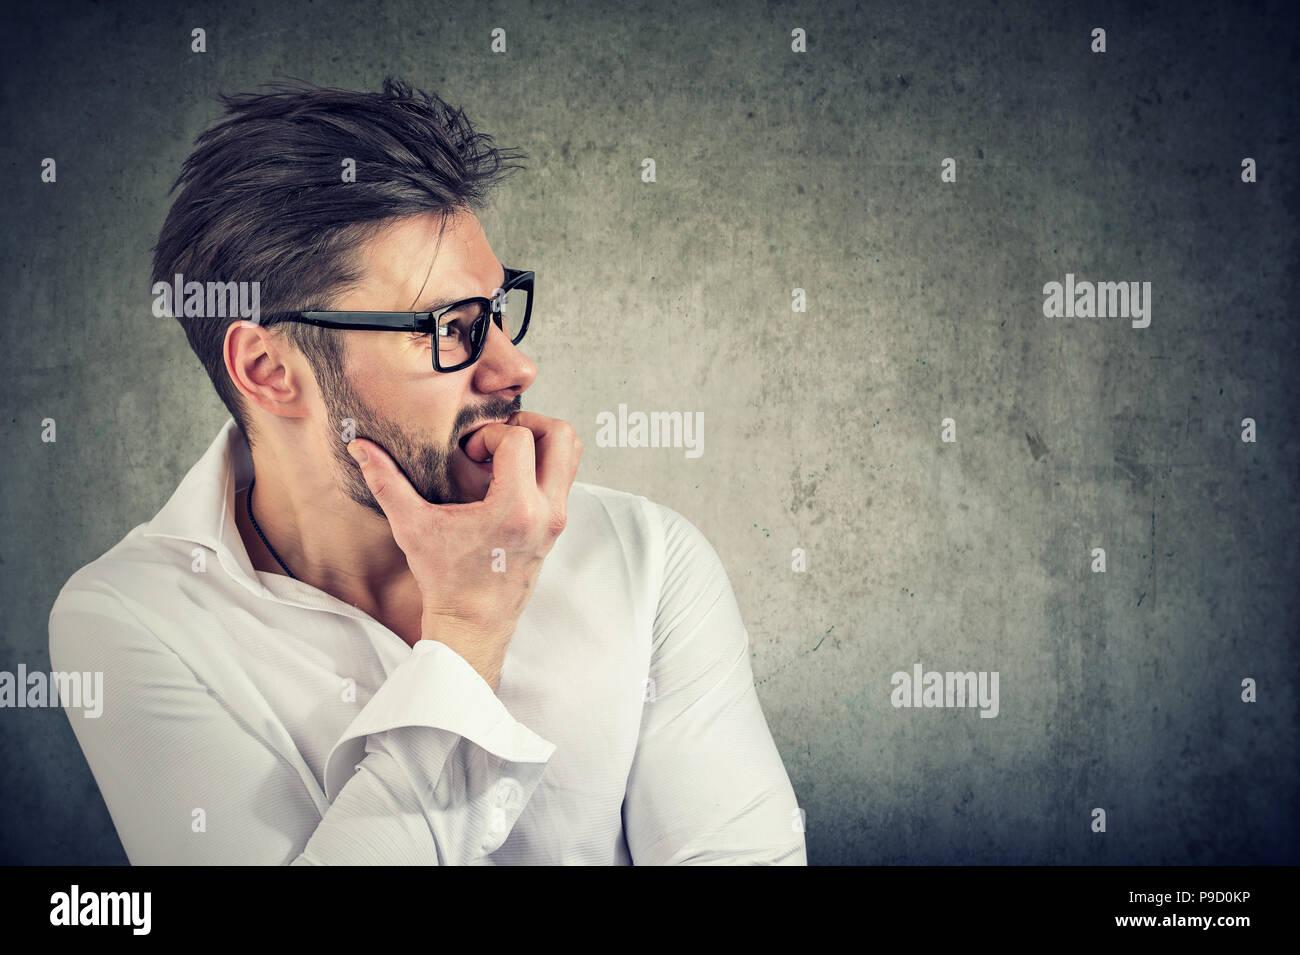 Adulto hombre barbado tener pánico y fobia mirando a otro lado mientras muerde las uñas en ansiedad sobre fondo gris Foto de stock